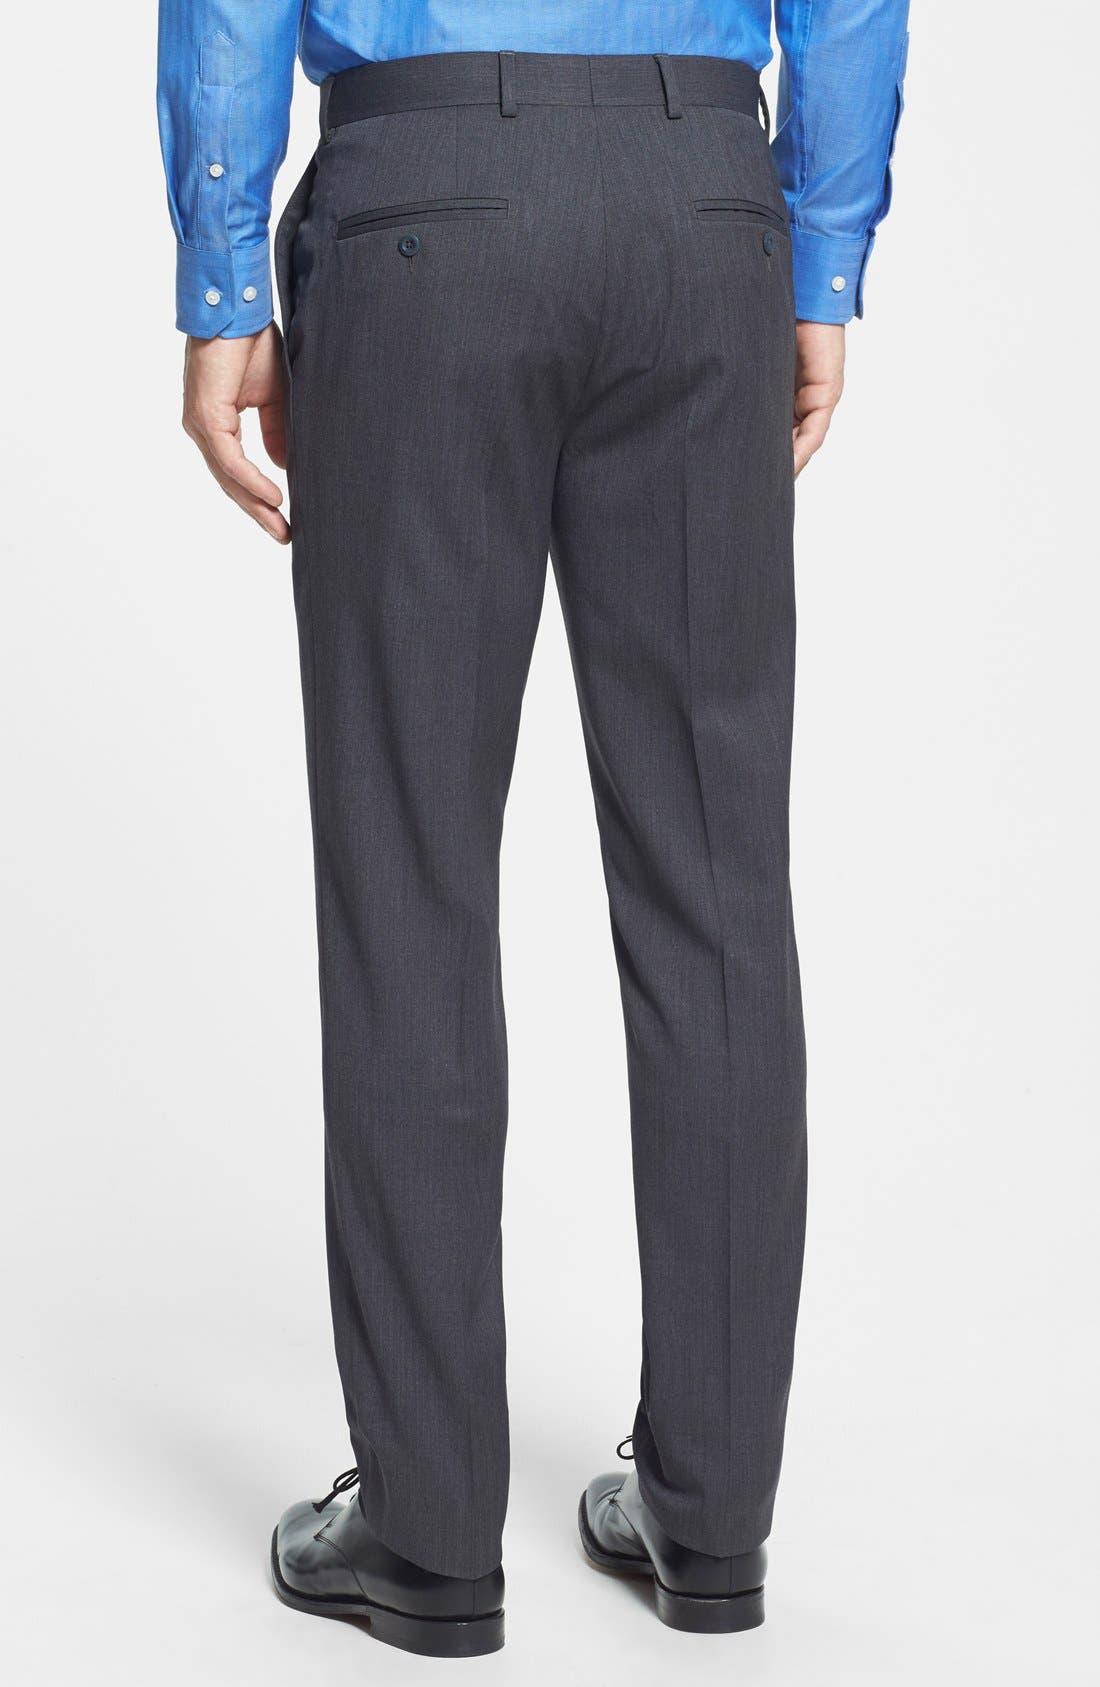 Gab Trim Fit Flat Front Pants,                             Alternate thumbnail 7, color,                             002